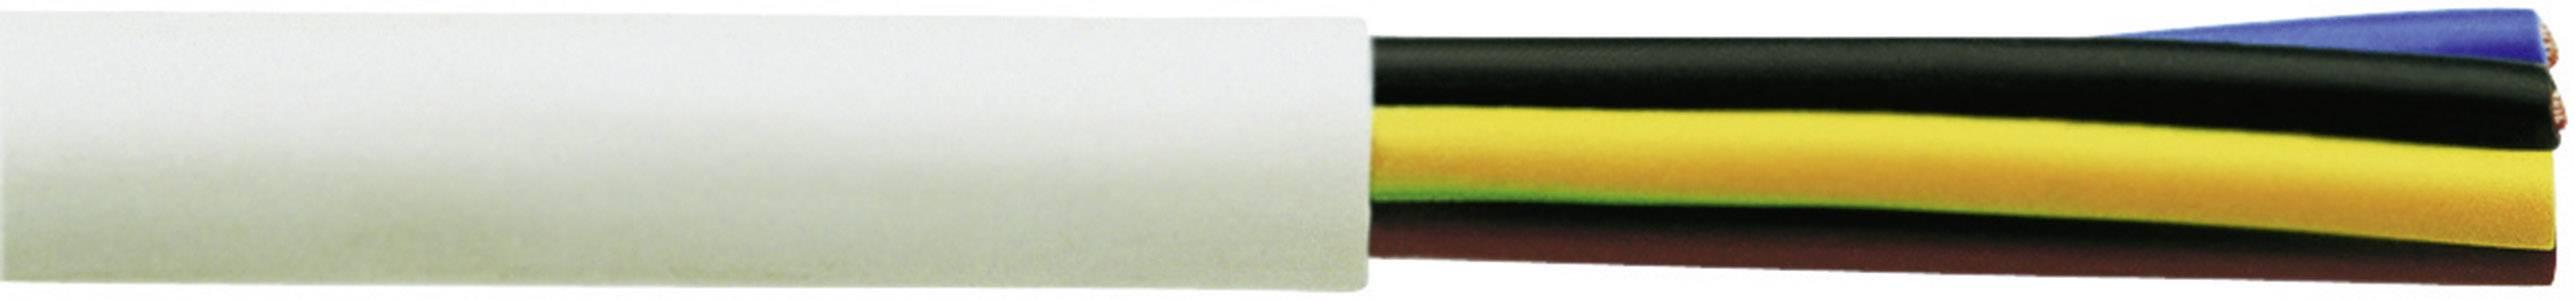 El. kábel hadicový H05VV-F Faber Kabel 030028, 5 G 1.50 mm², čierna, metrový tovar